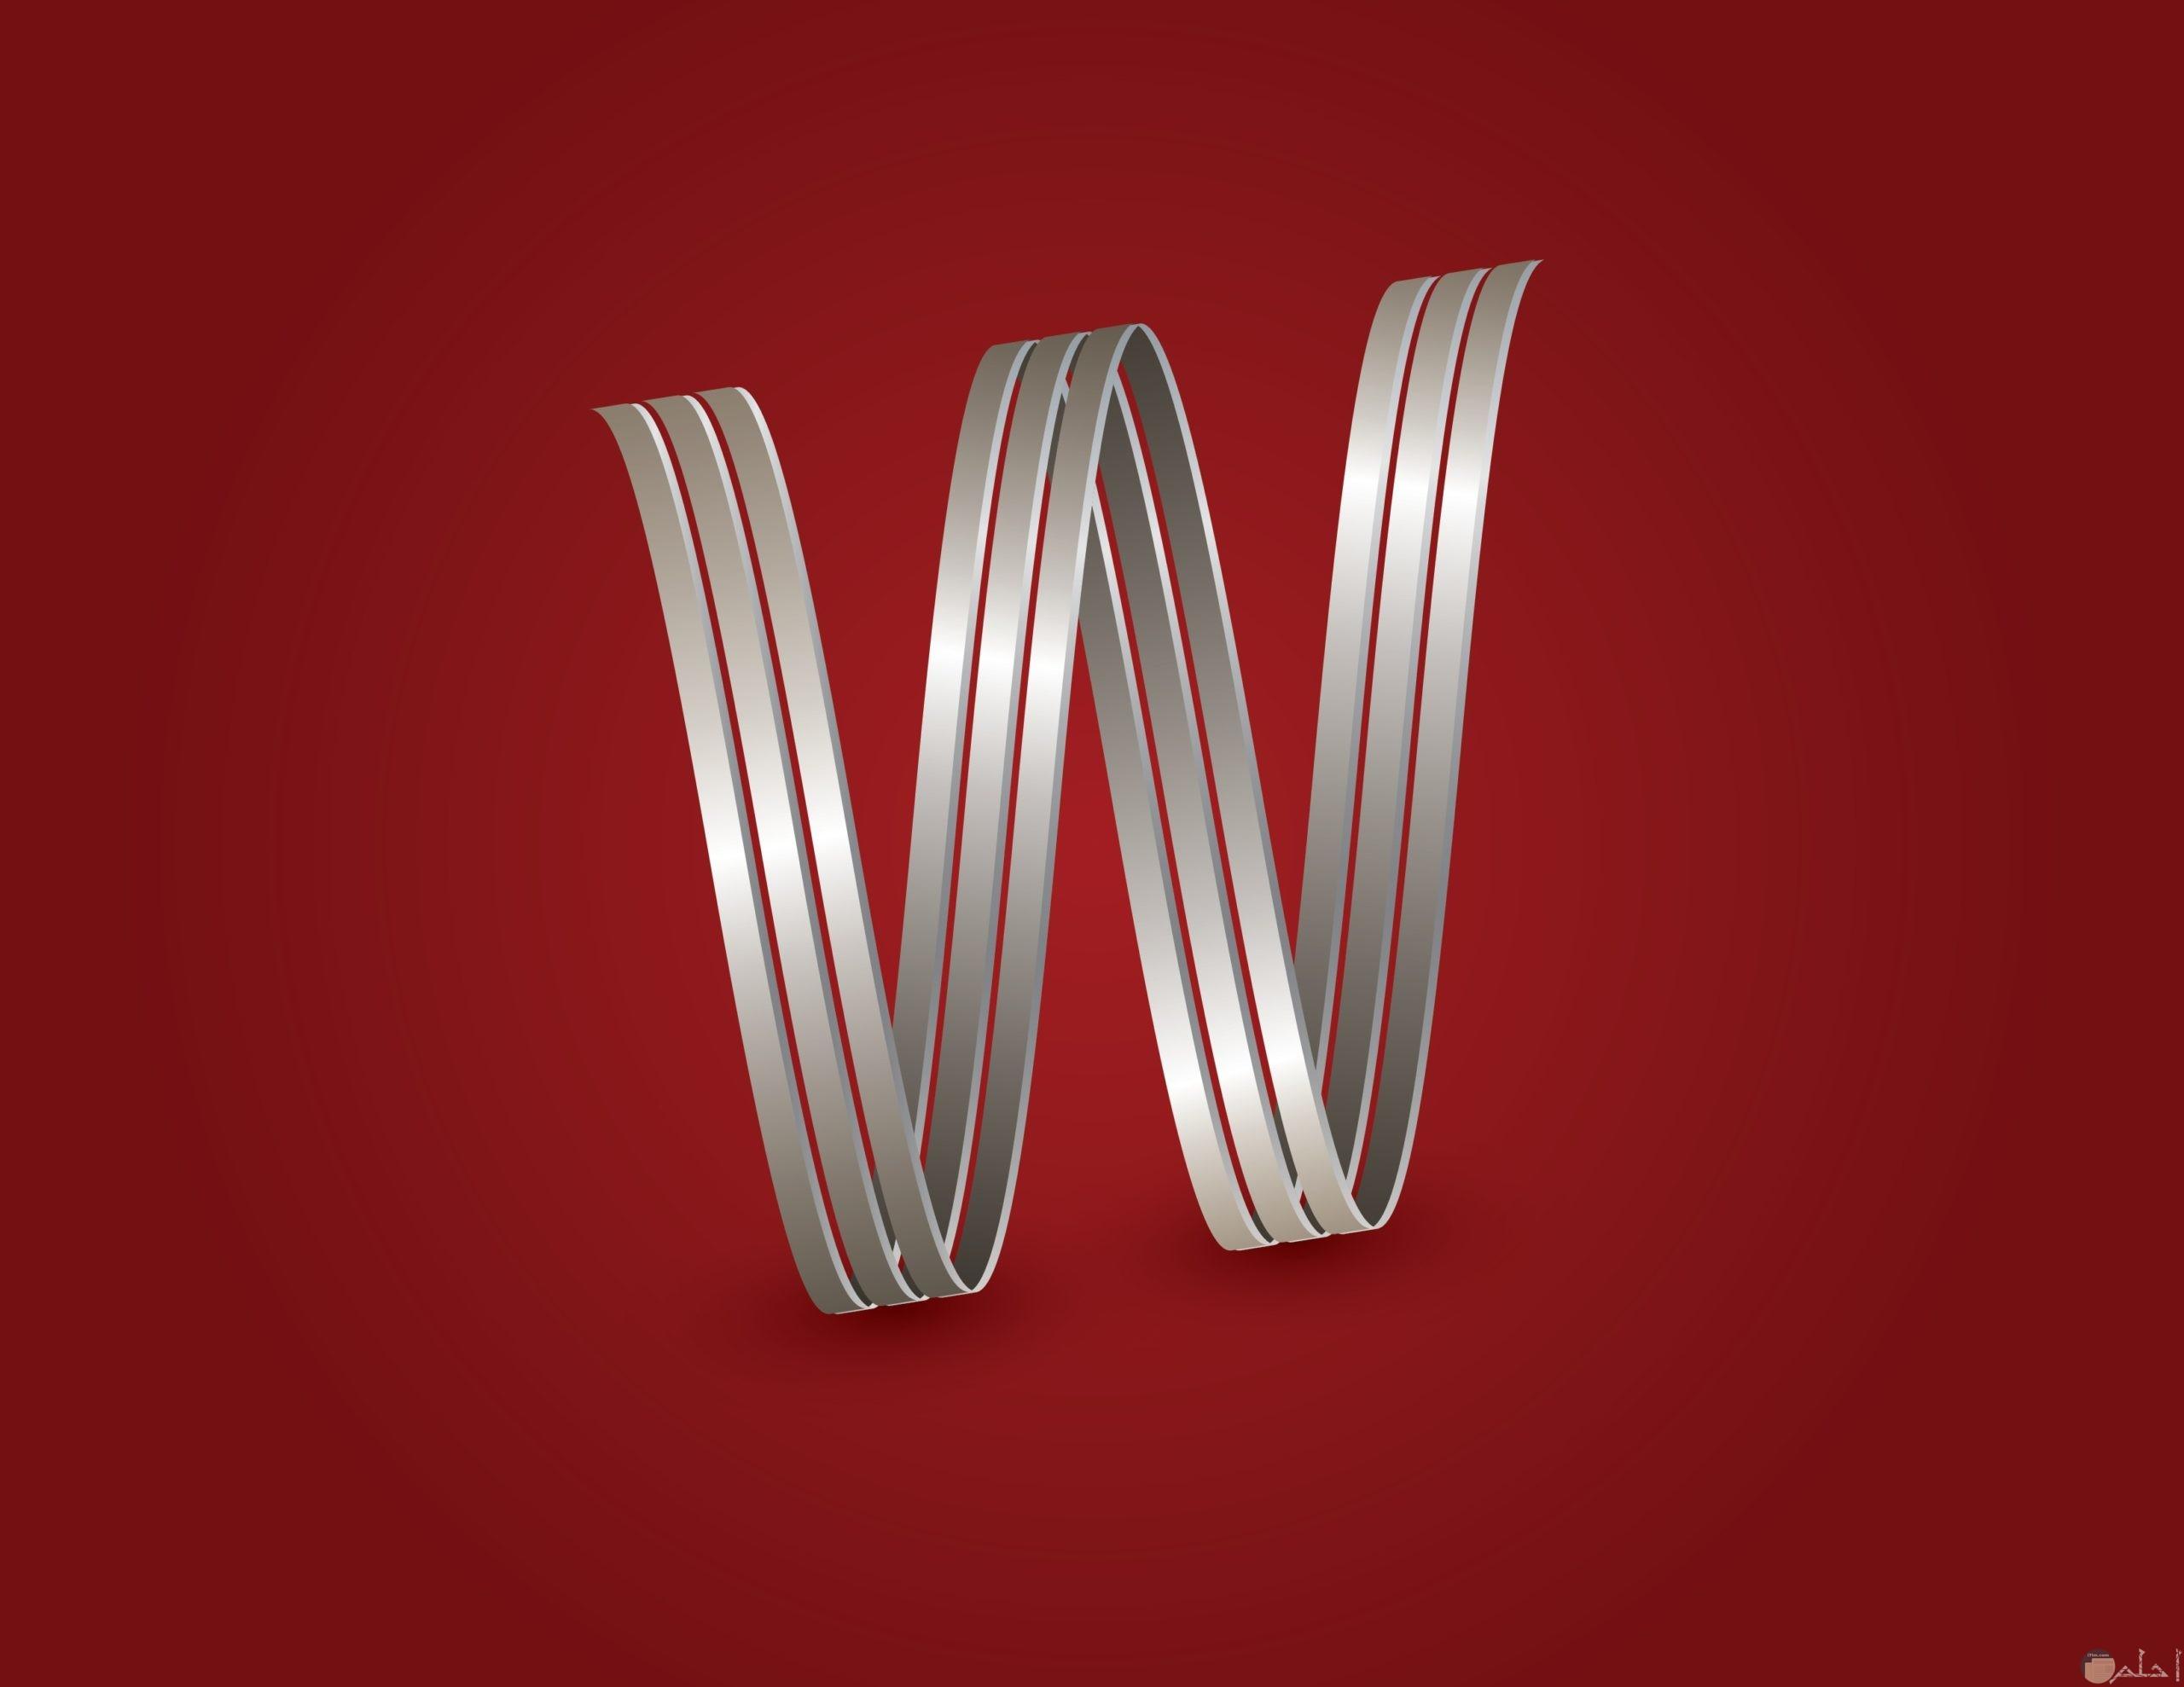 حرف w و شريطه الأحمر.